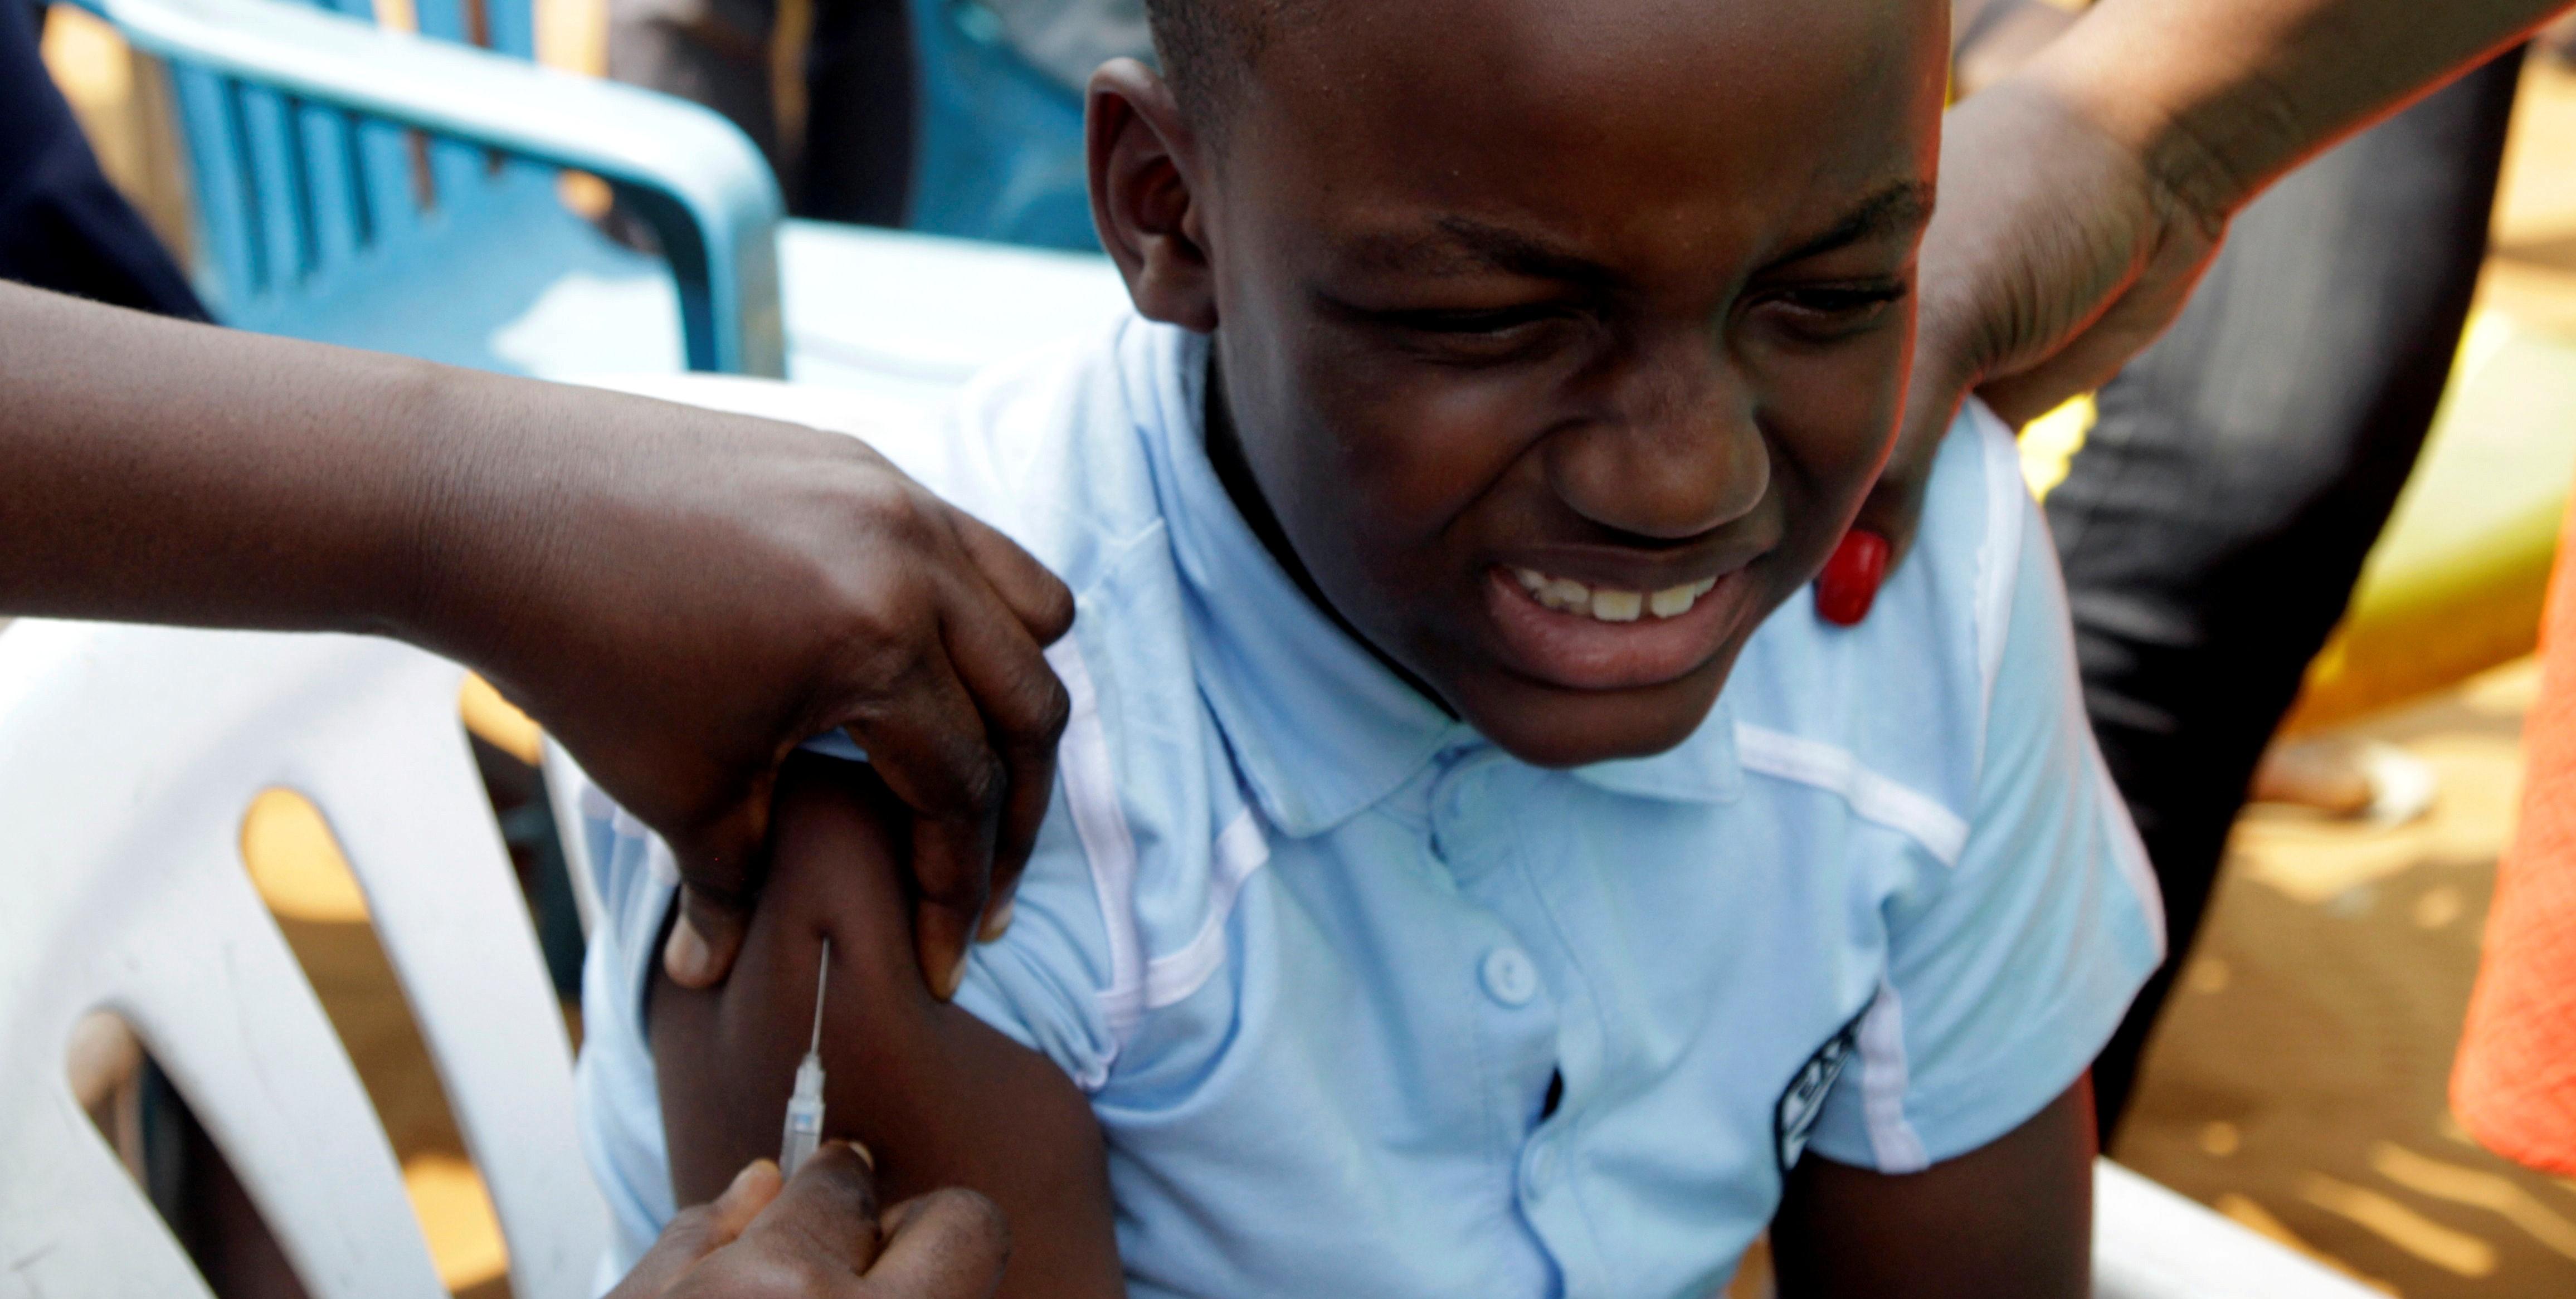 Niger: un contrôle sanitaire détecte un faux vaccin contre la méningite